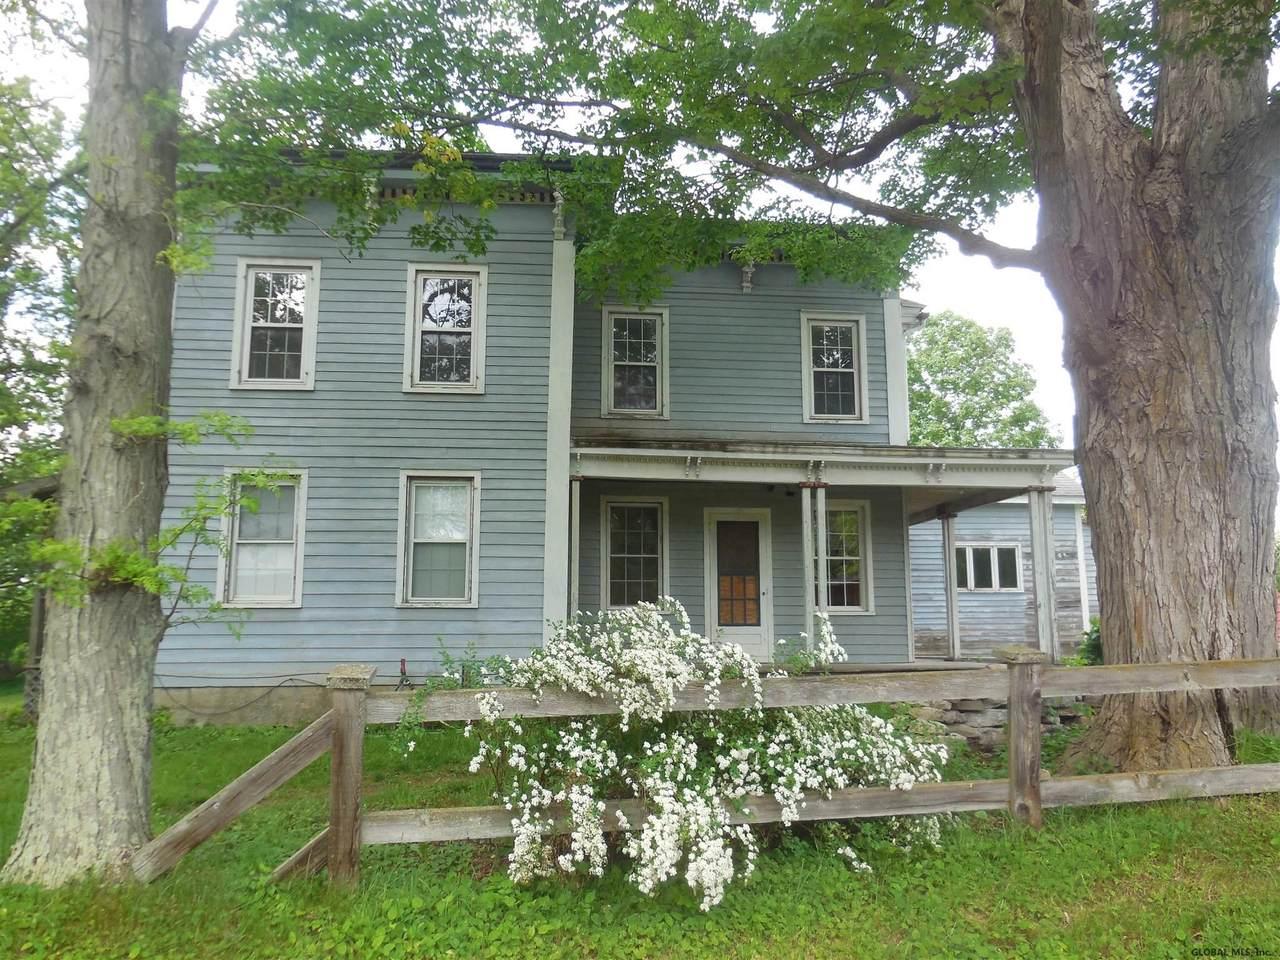 115 Staleyville Rd - Photo 1